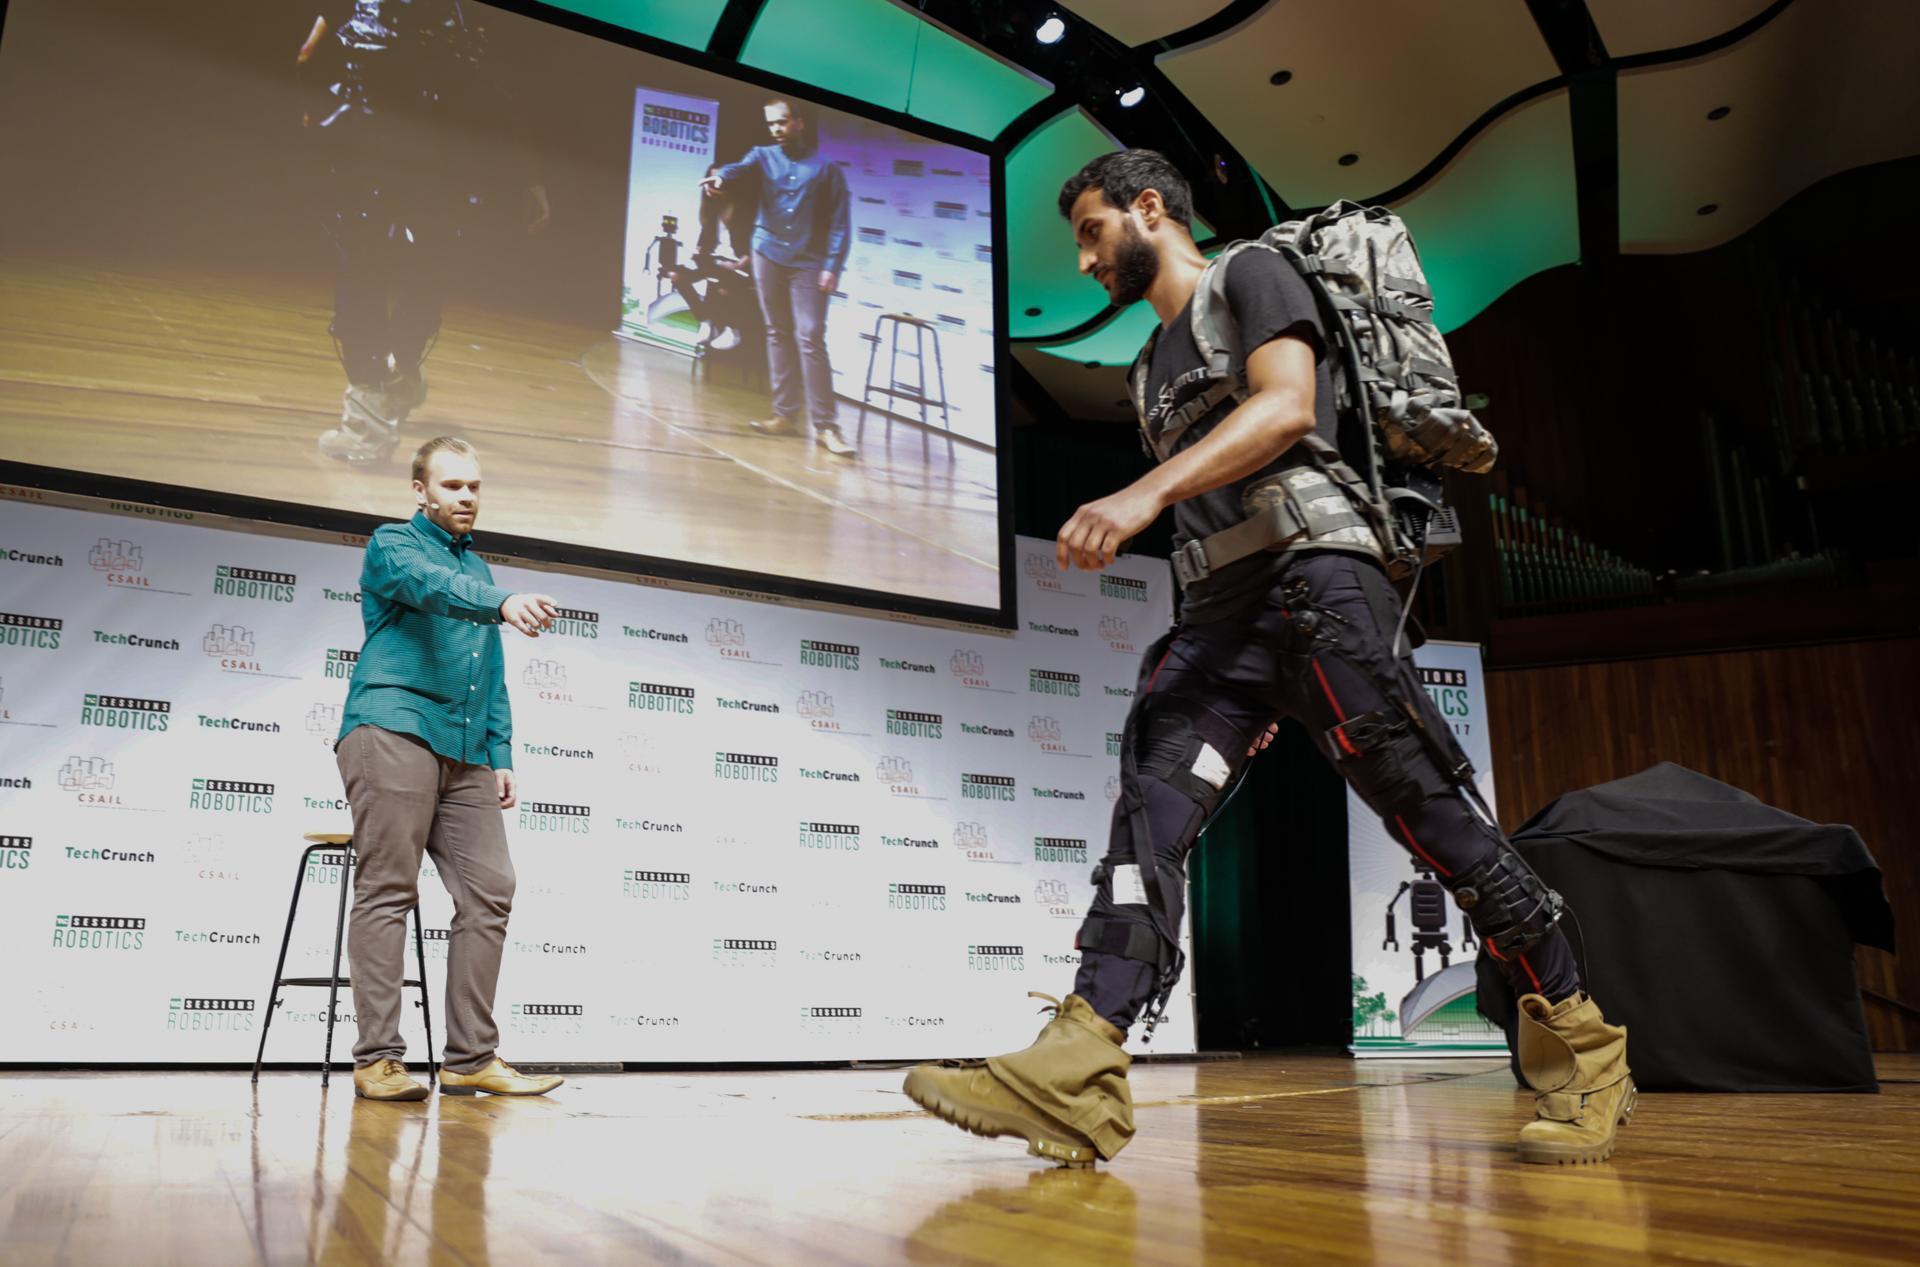 Demo with David Perry (Harvard University SEAS)